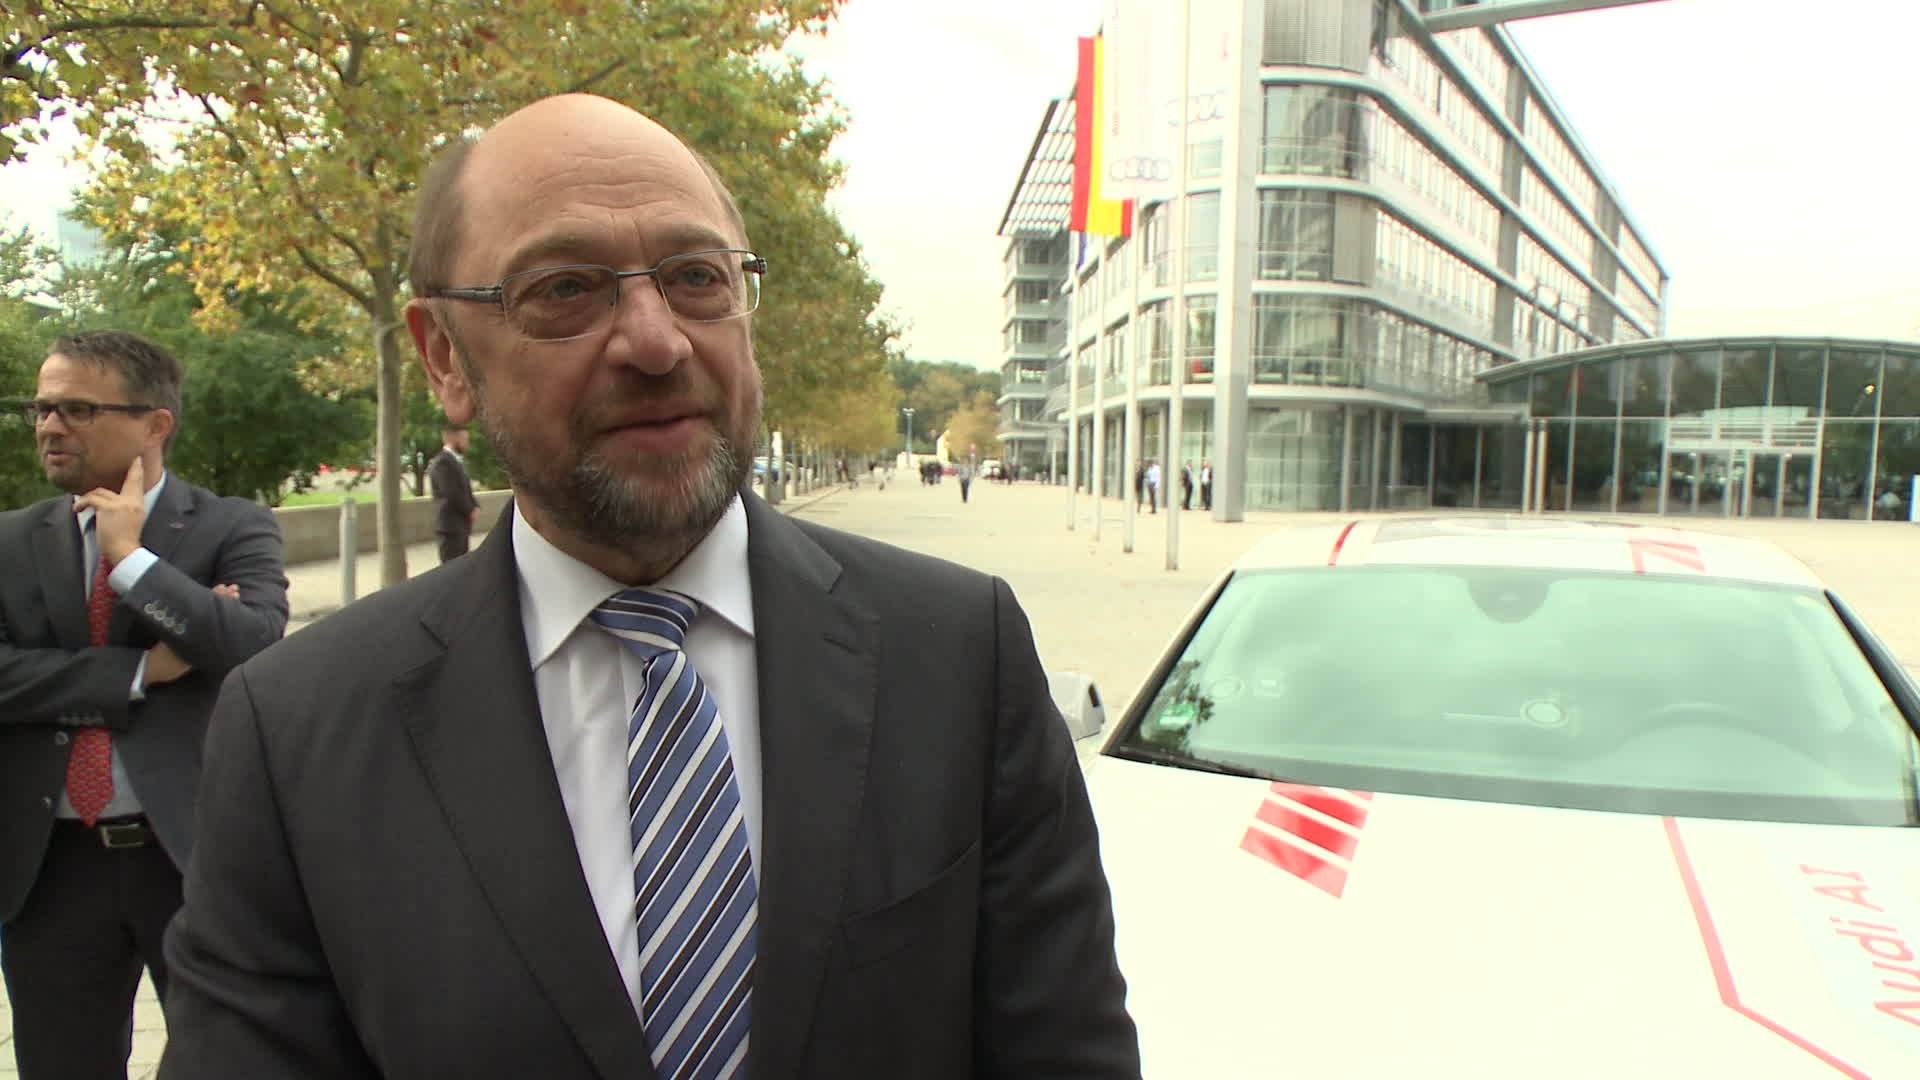 EU-Parlamentspräsident im pilotiert fahrenden Audi A7